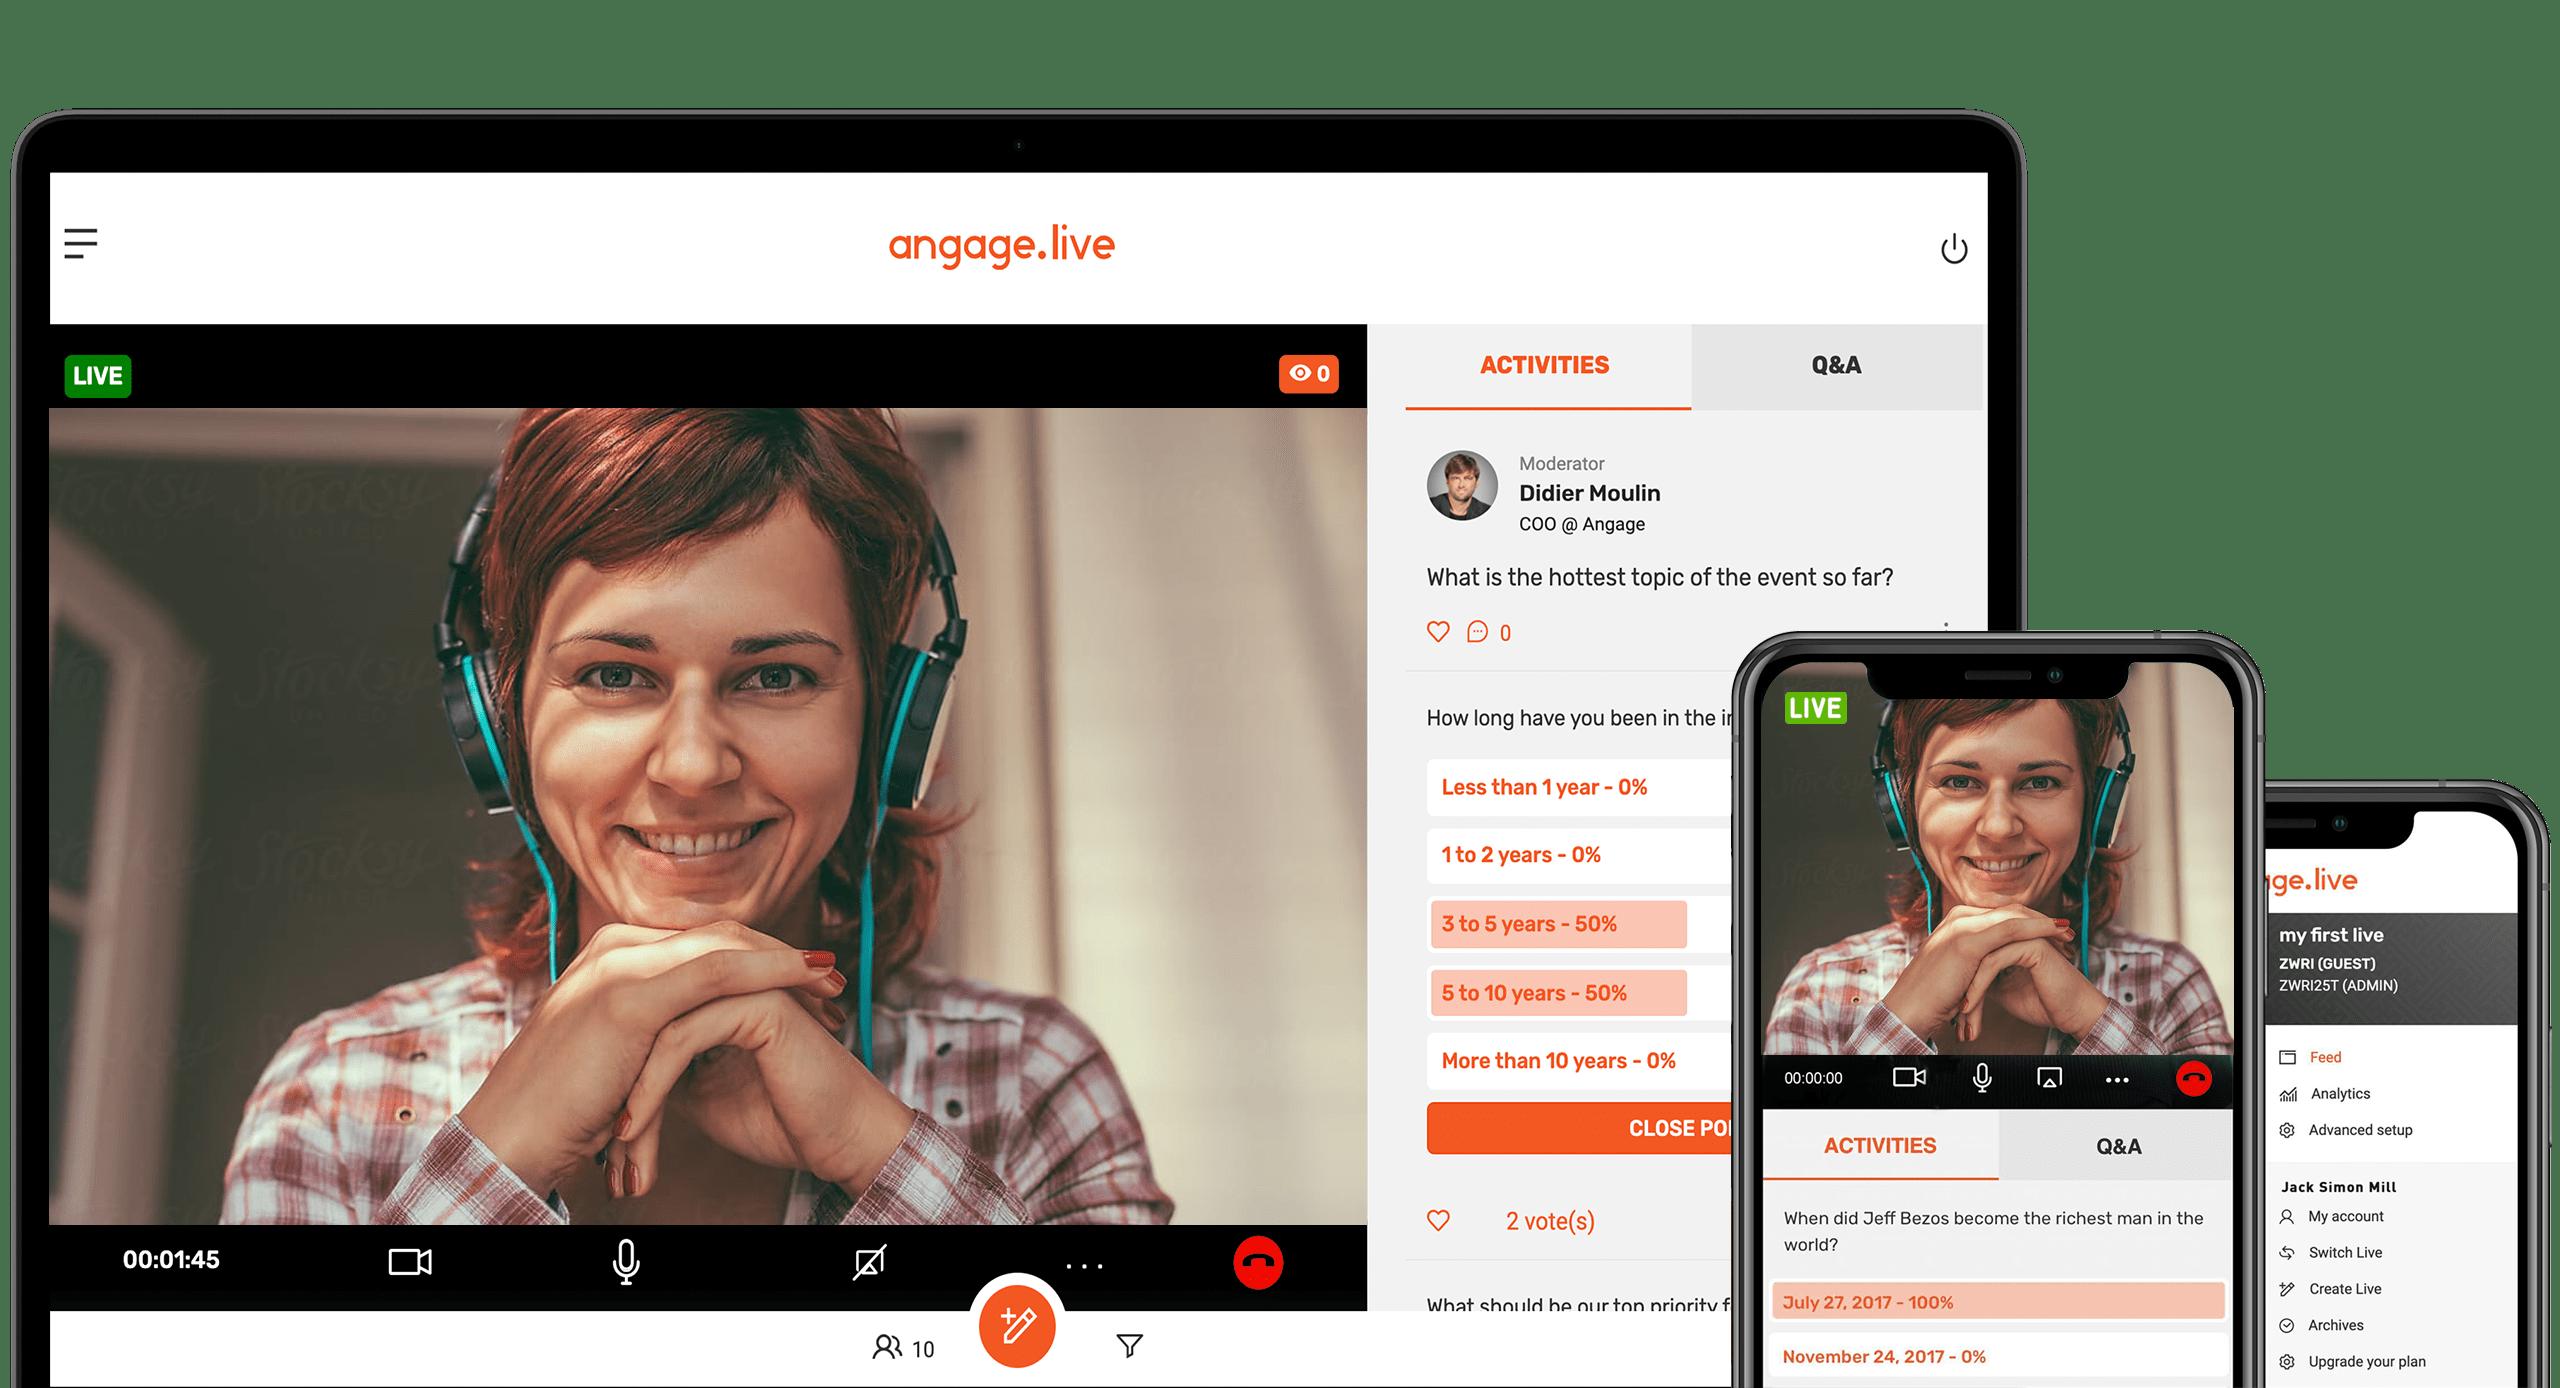 Bewertungen Angage Live: VIDEO, Q&A UND UMFRAGEN - Appvizer